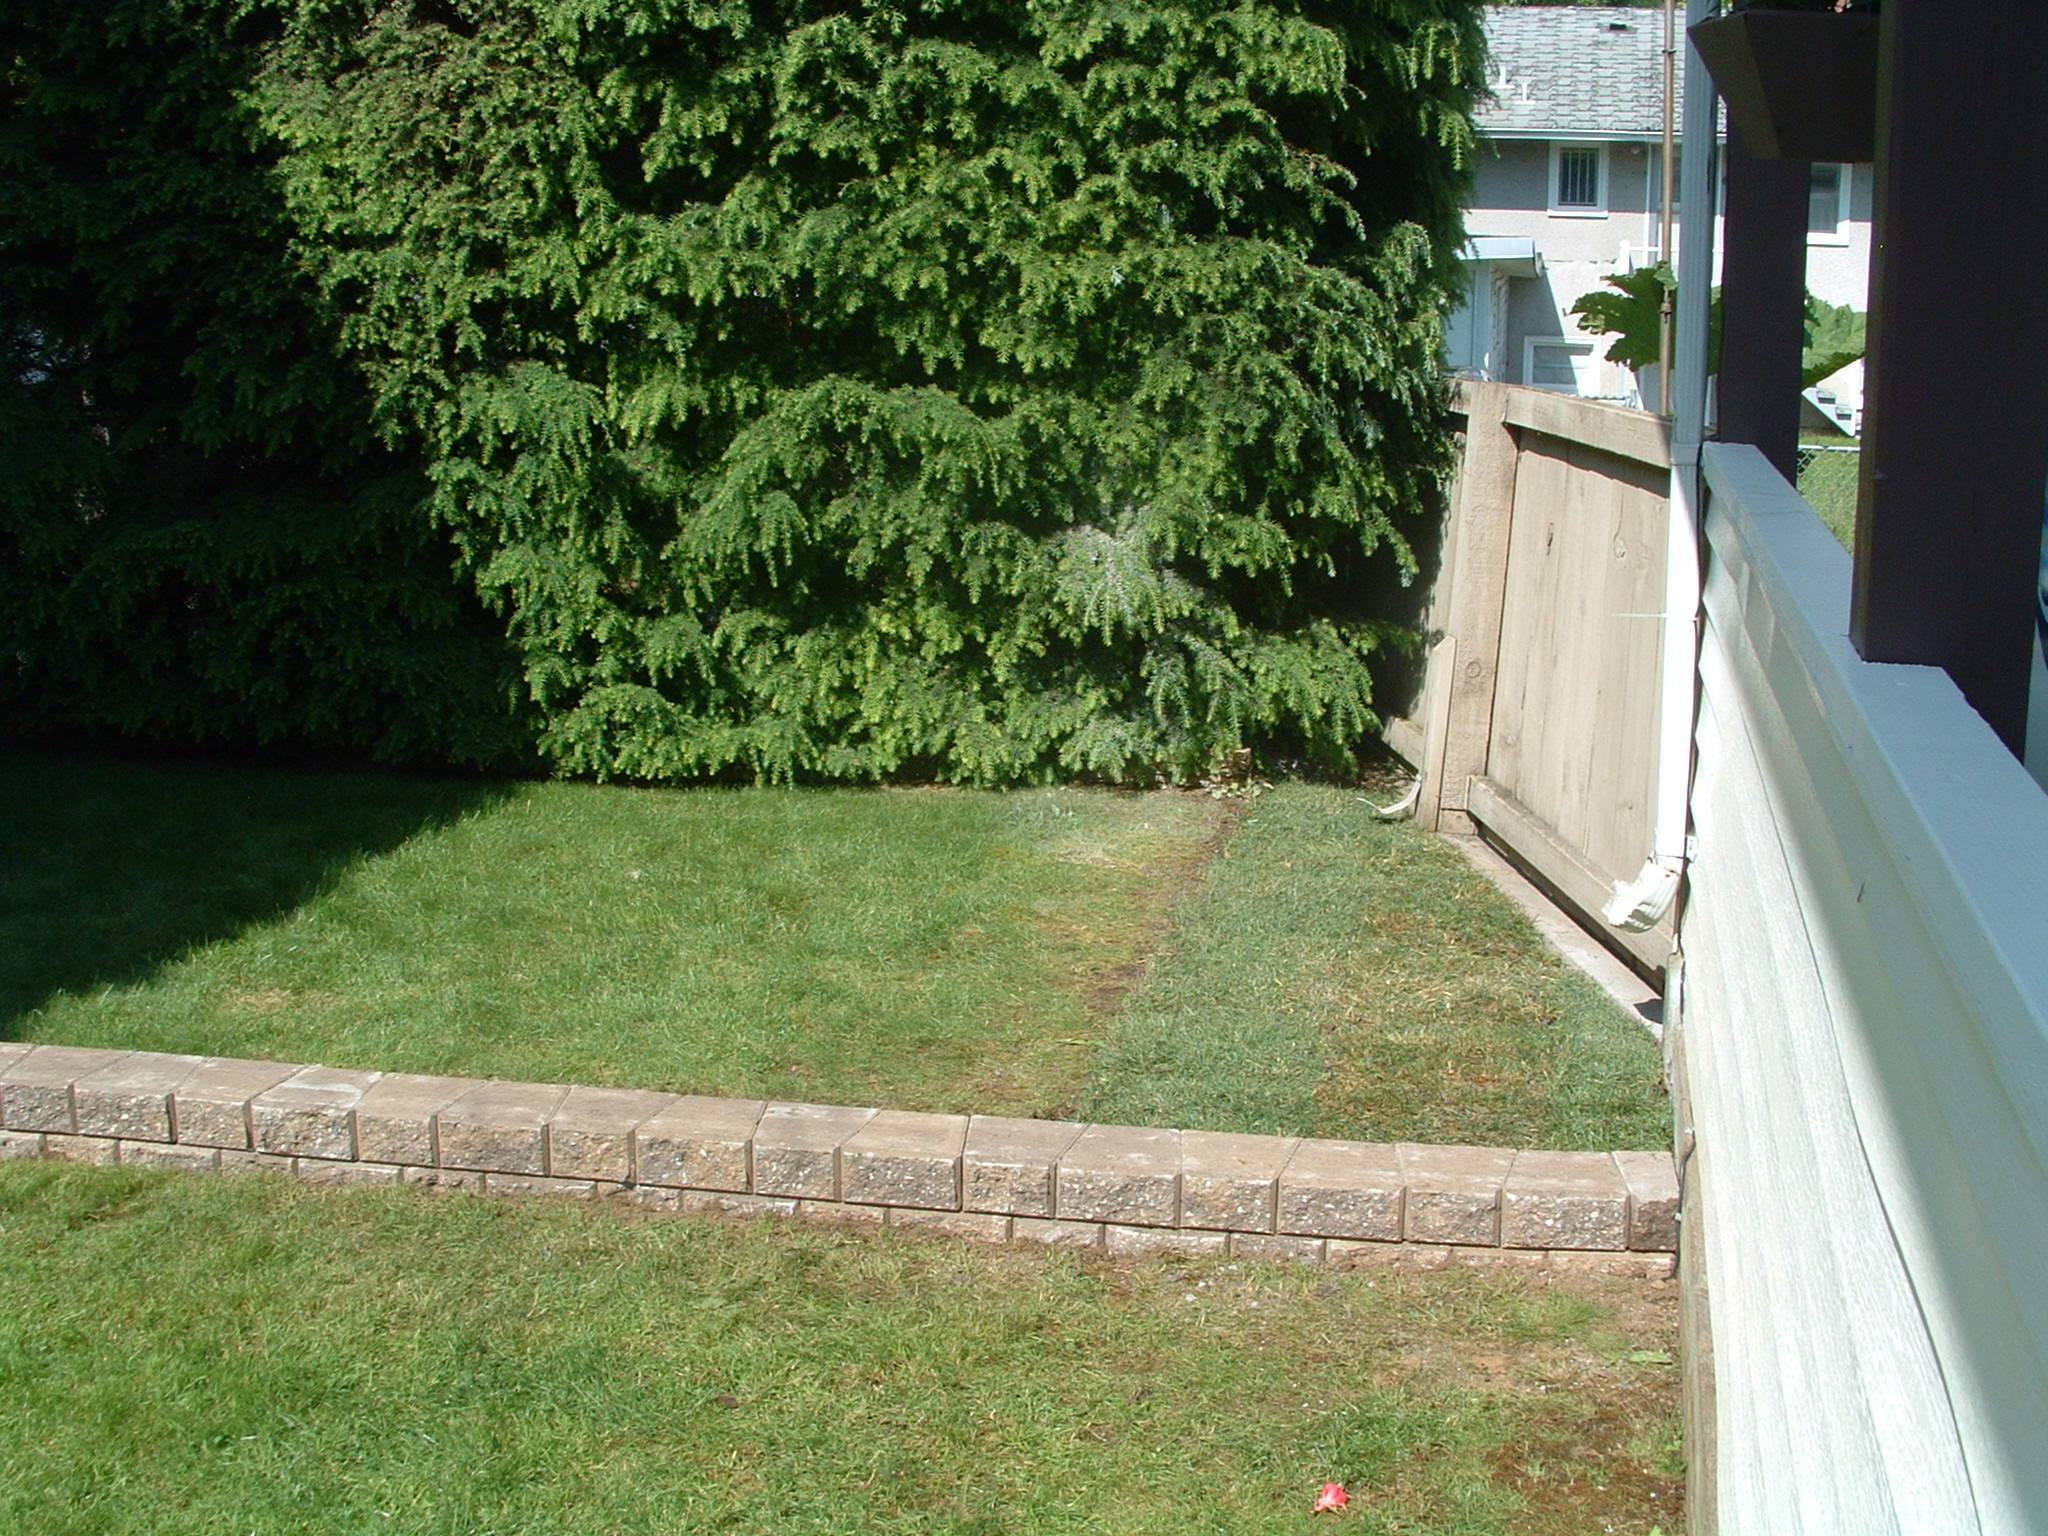 landscaping_1.jpg